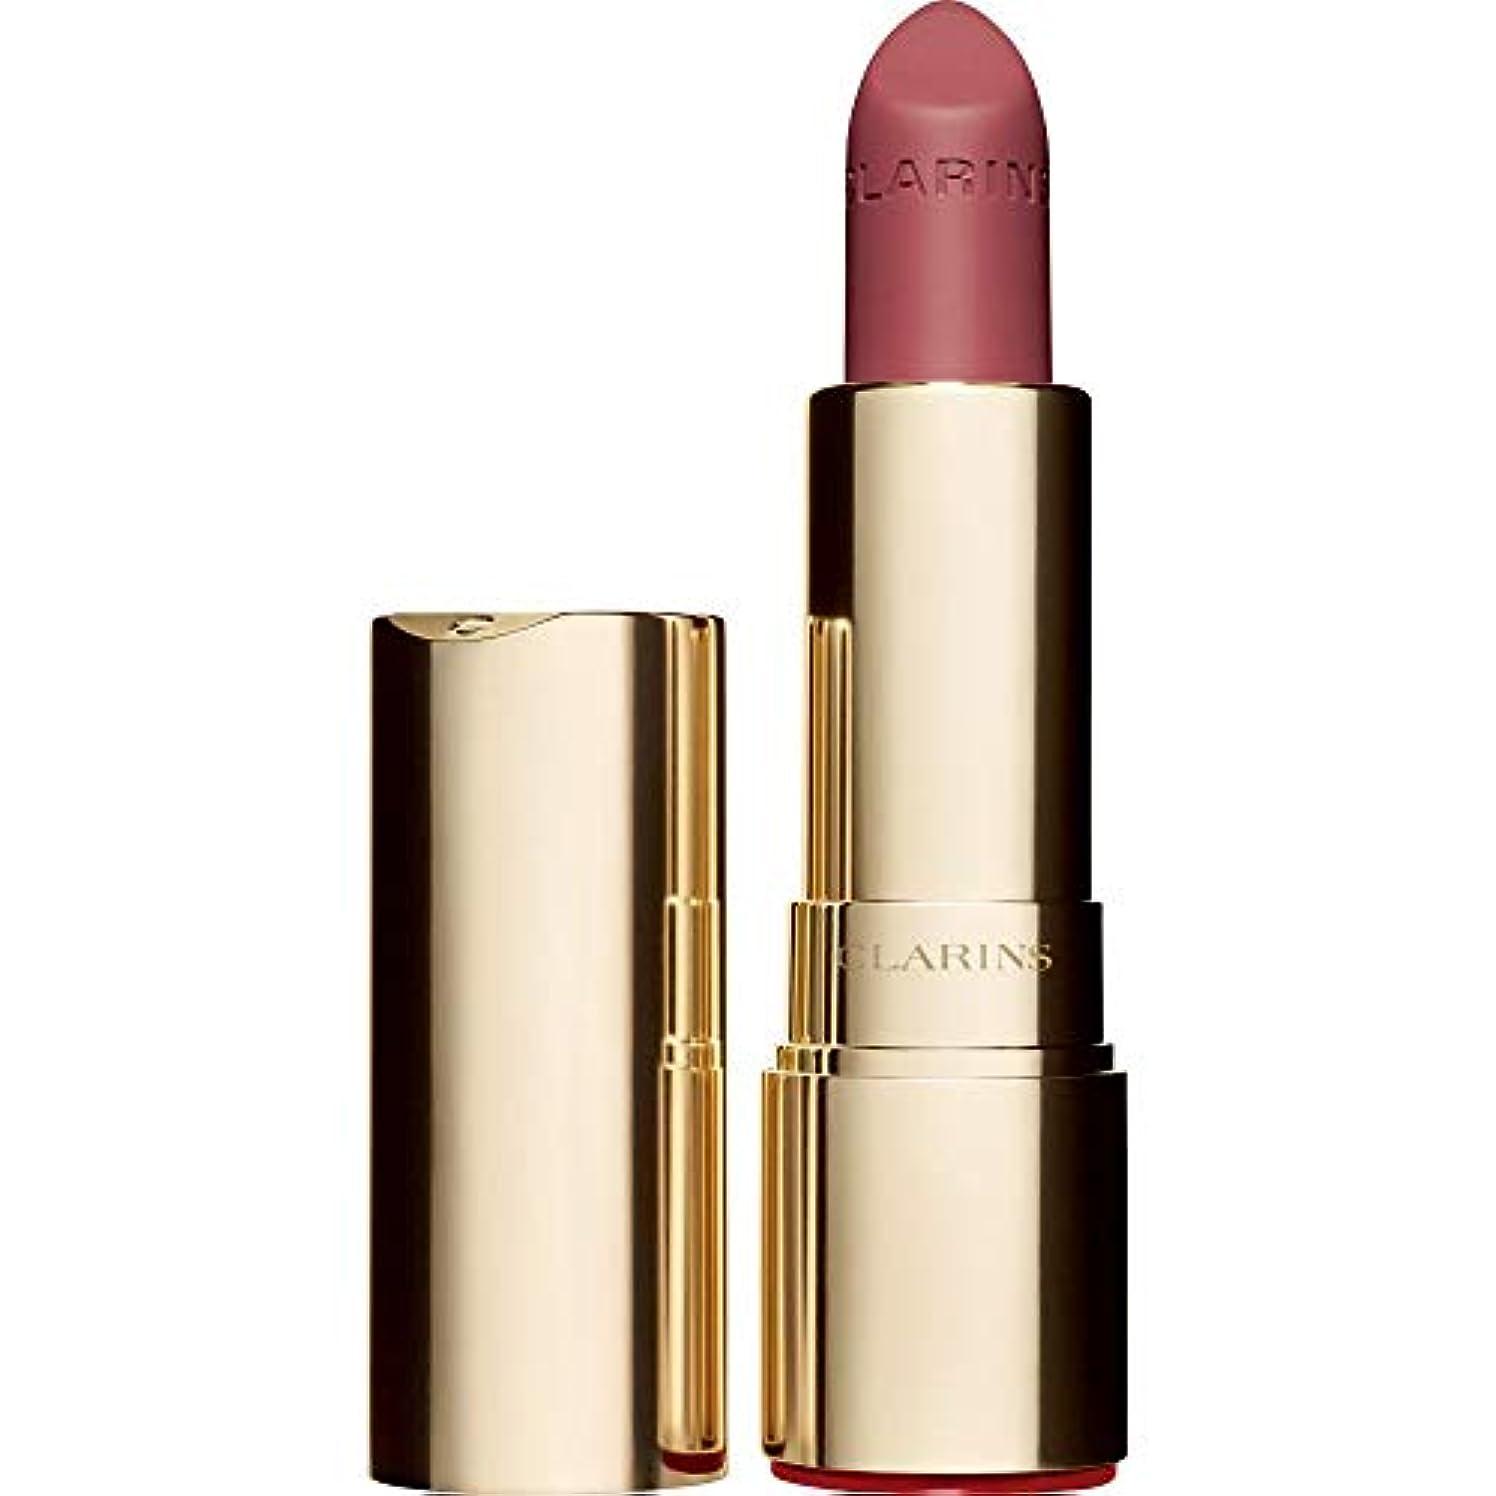 無意味社会科人工的な[Clarins ] クラランスジョリルージュのベルベットの口紅3.5グラムの752V - ローズウッド - Clarins Joli Rouge Velvet Lipstick 3.5g 752V - Rosewood...